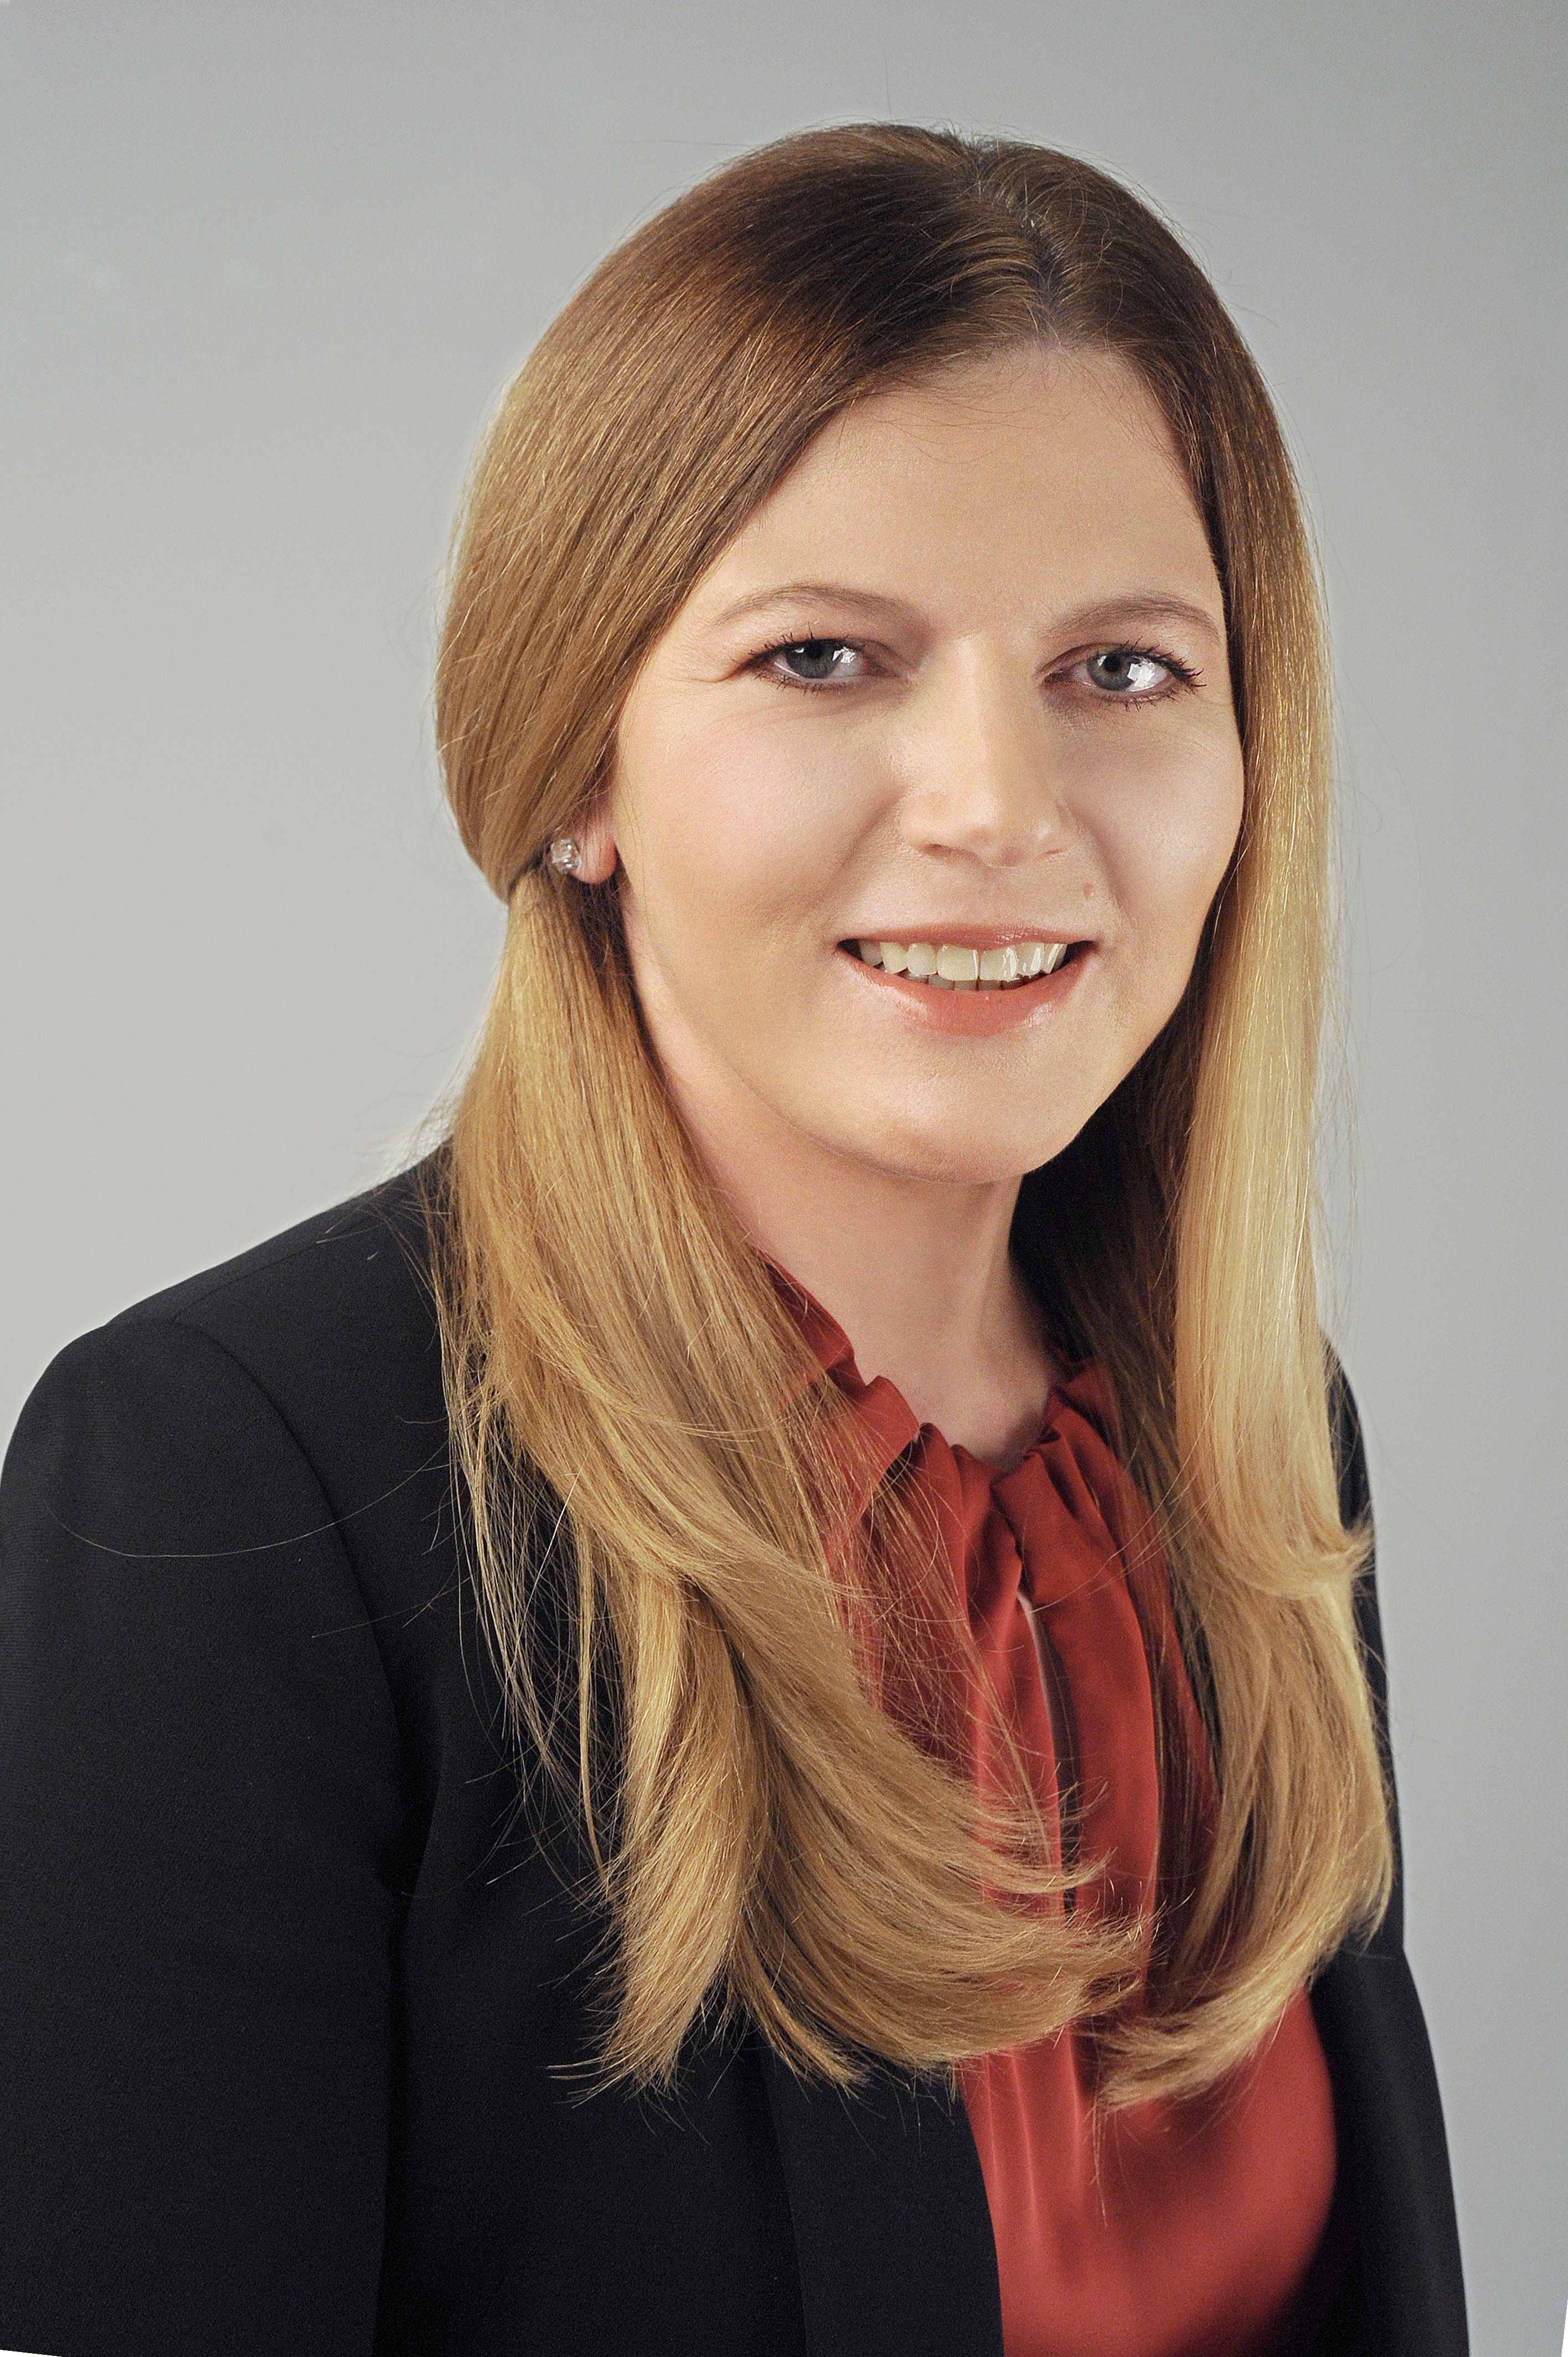 Interviu manager.ro: Anamaria Dana Acristini Georgescu, Director Executiv Strategie, Electrica, despre noua strategie Electrica de dezvoltare a Grupului